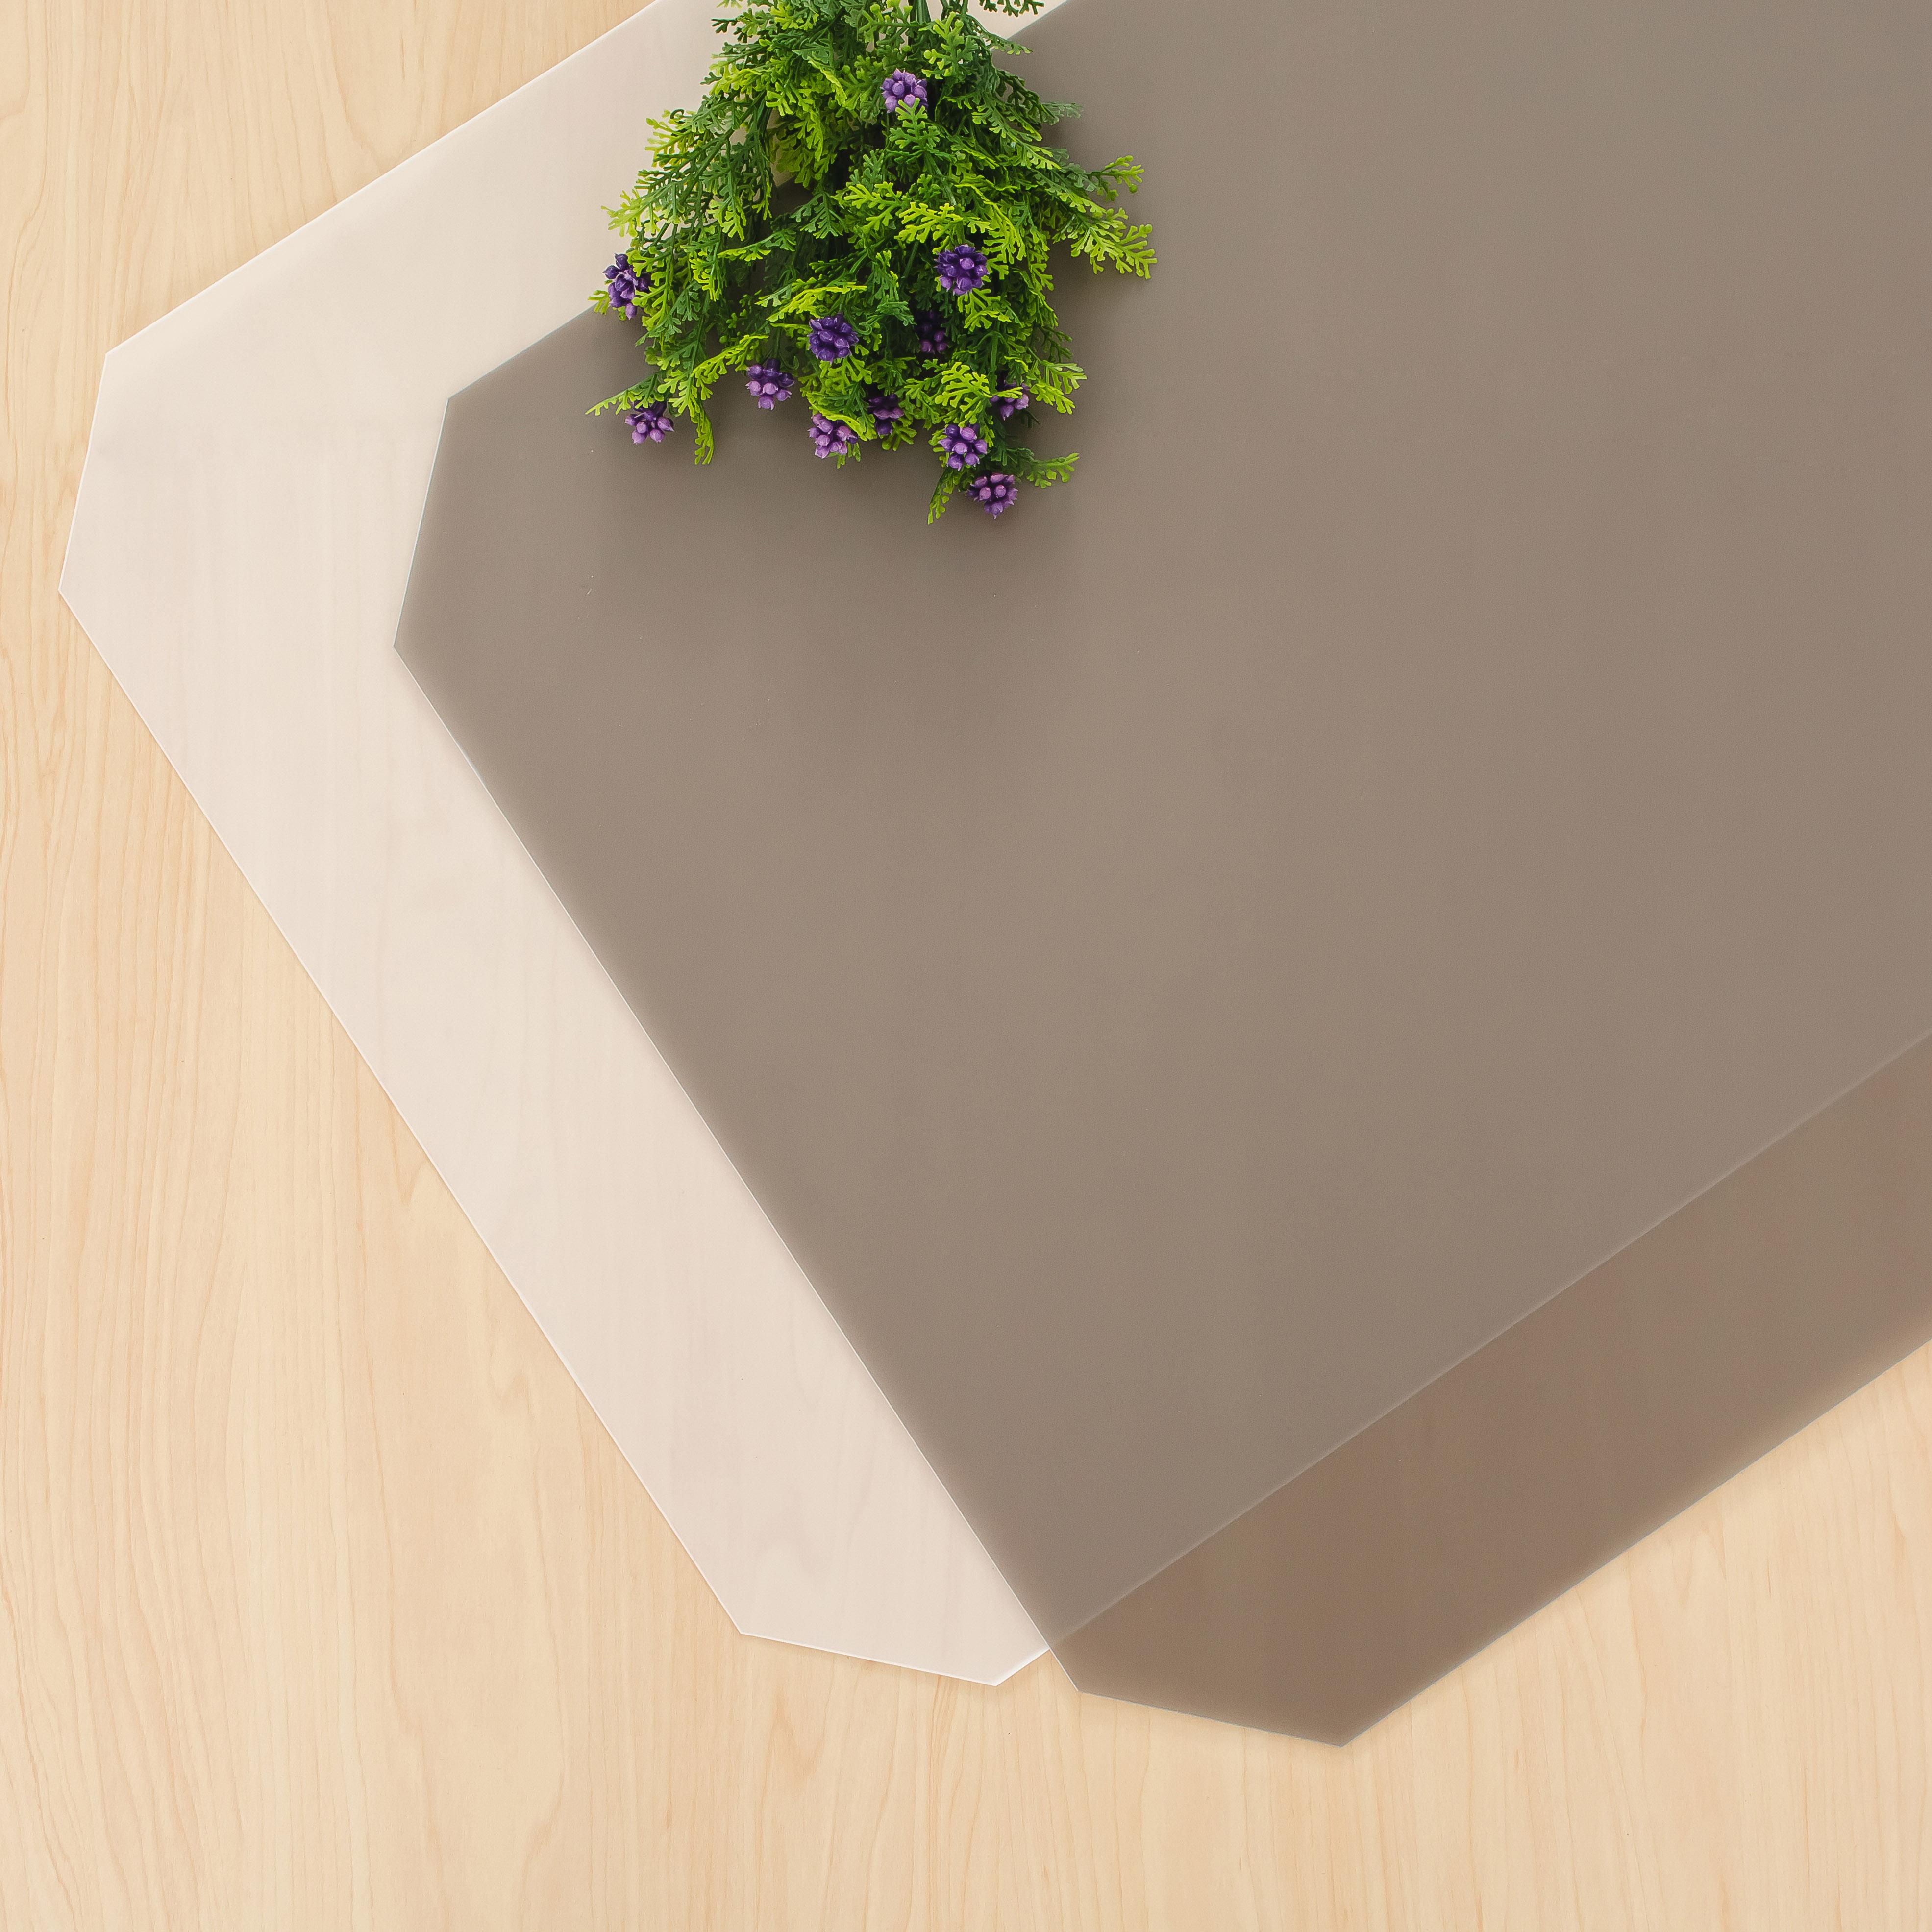 墊板 / PP板 / 層架配件【配件類】超實用層架網片專用PP塑膠板_單入 兩色可選 dayneeds 2